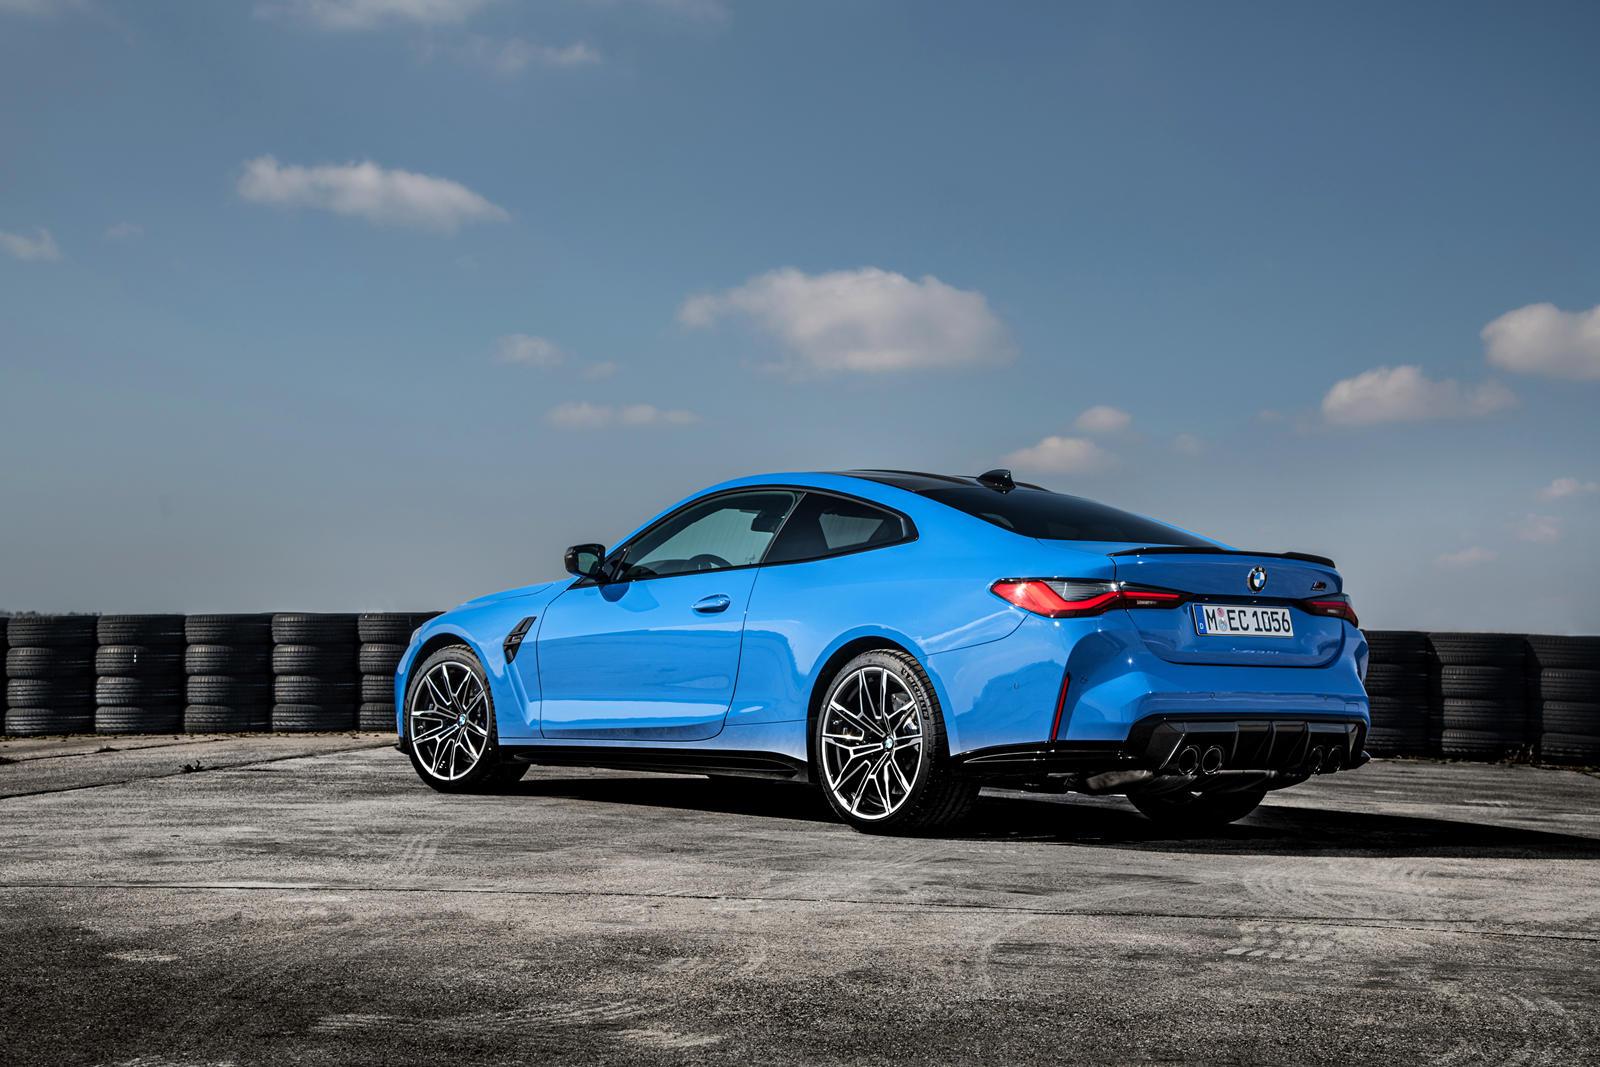 Маркировка BMW xDrive будет предлагаться только на моделях M3 и M4 Competition, что приведет к разгону до 100 км/ч за 3,4 секунды. Это на 0,4 секунды быстрее, чем у их заднеприводных собратьев. В зависимости от спецификации максимальная скорость сост